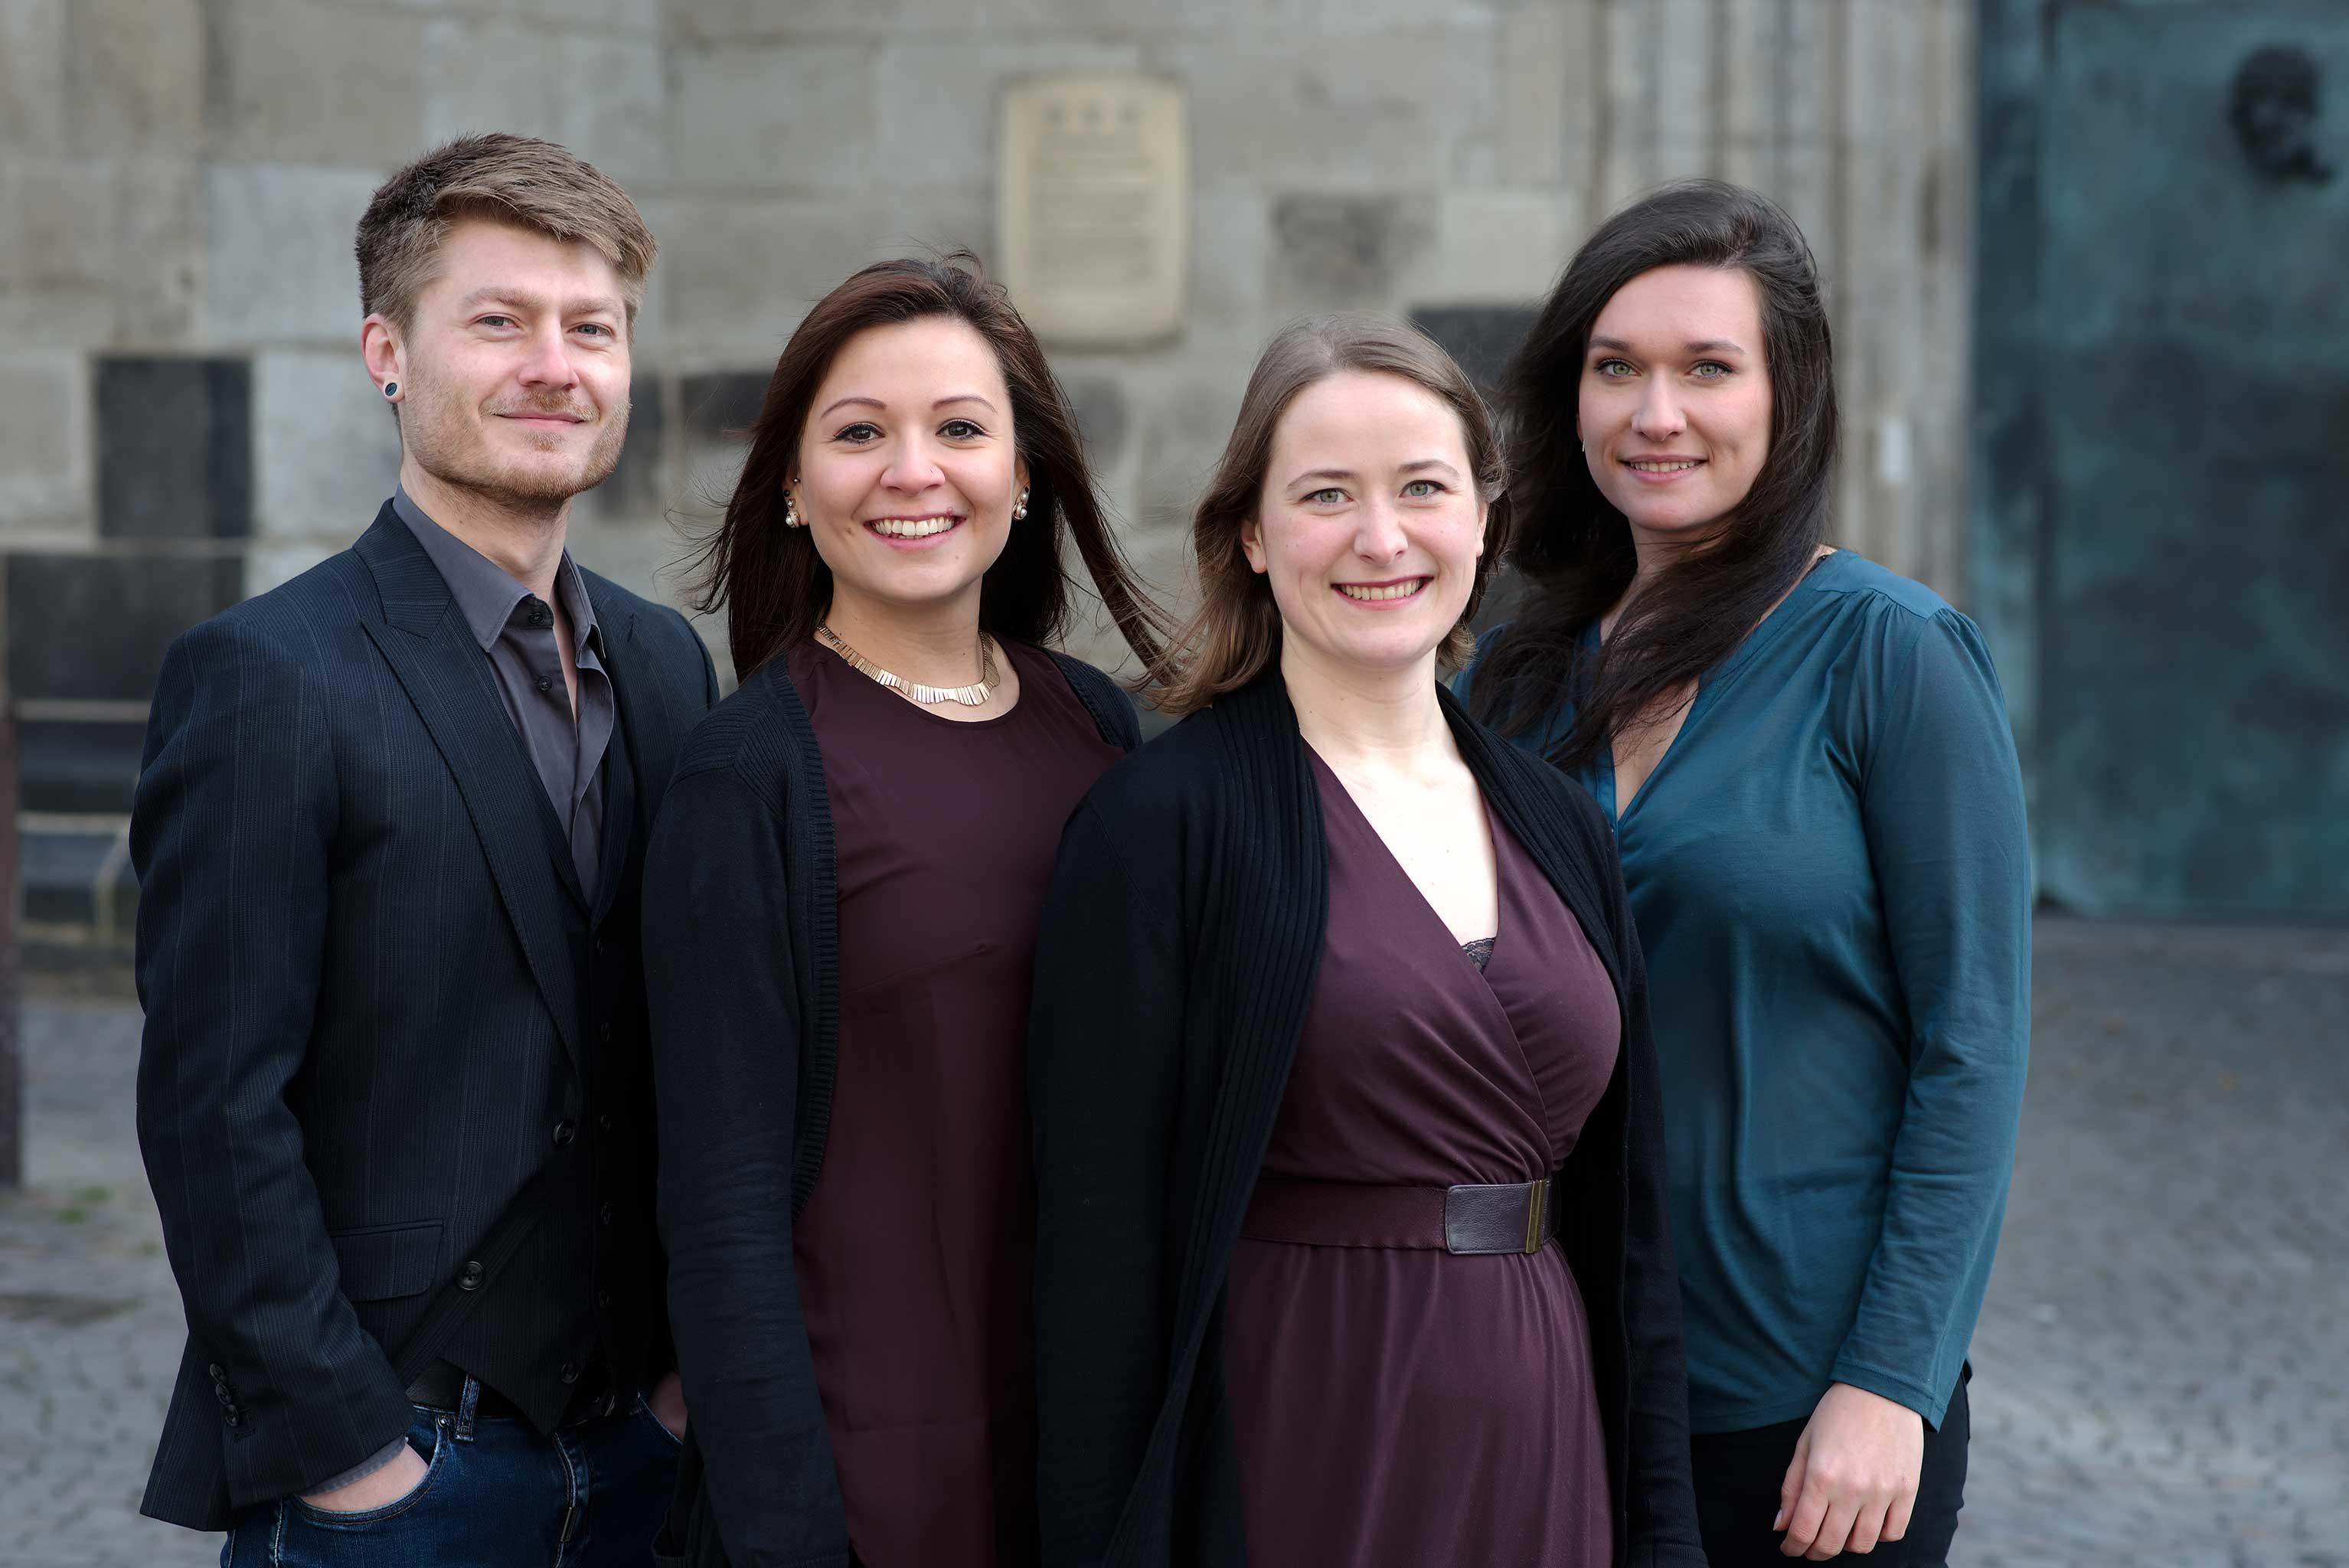 Die ersten Akademisten der Chorakademie (v.l.n.r.): Nicolas Schouler, Anna Lucia Struck, Julia Speis und Boshana Milkov | Foto: Christian Palm